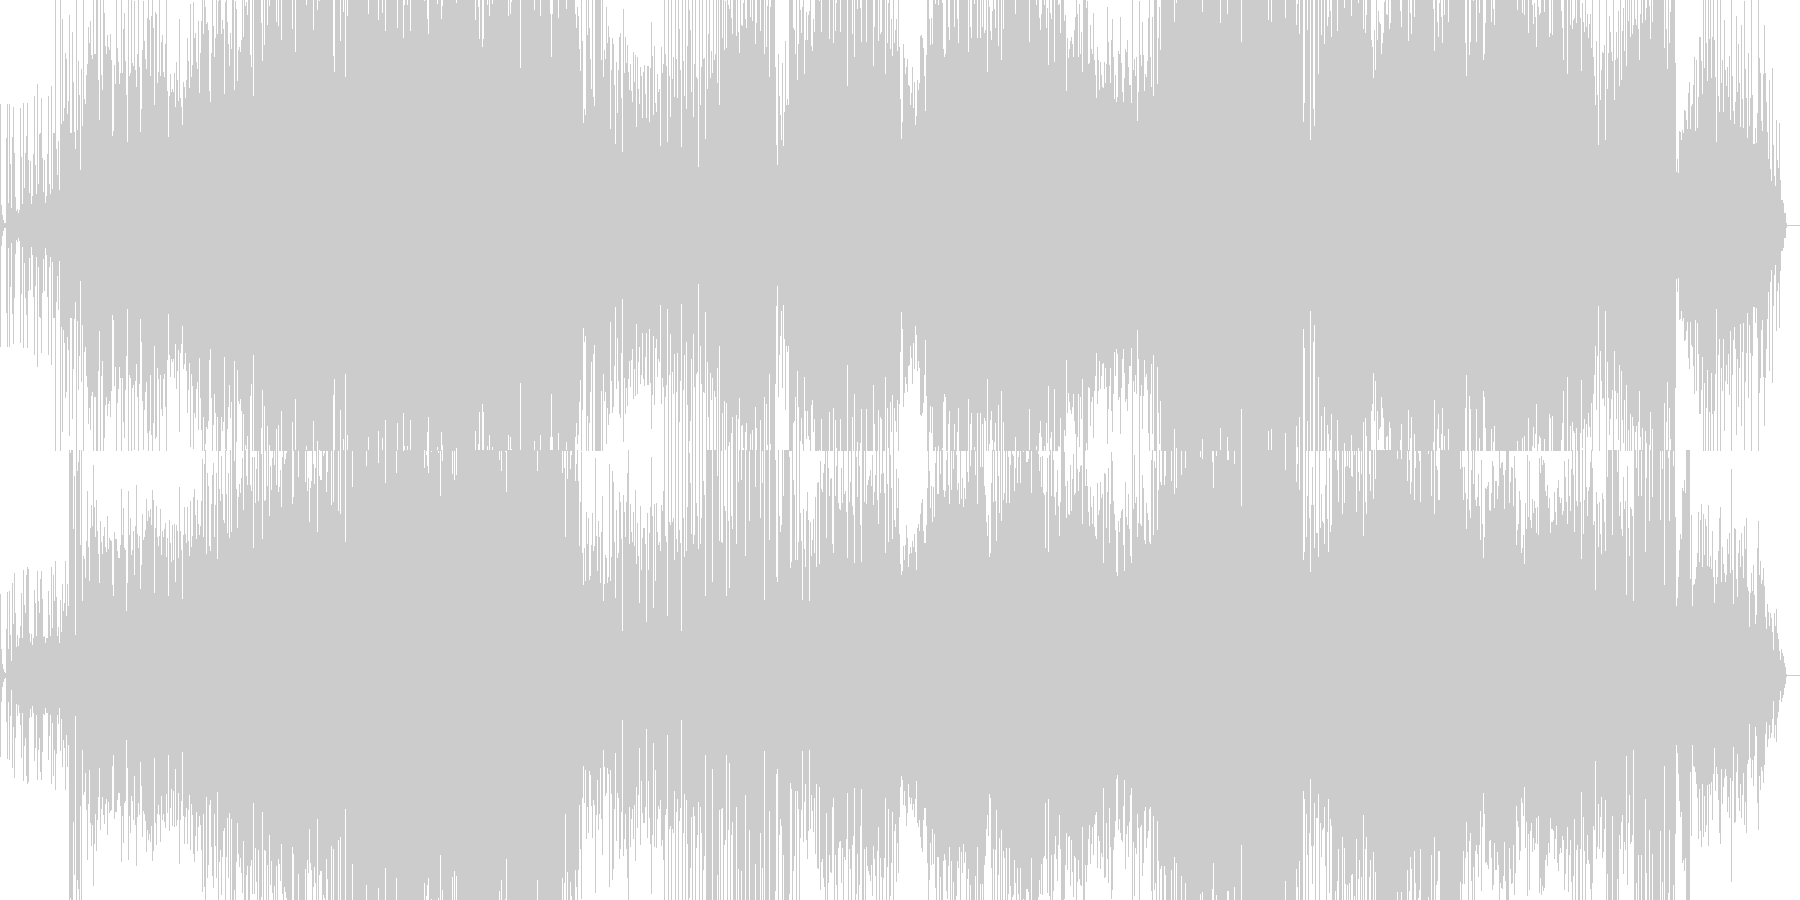 シンプルなポップインストの未再生の波形